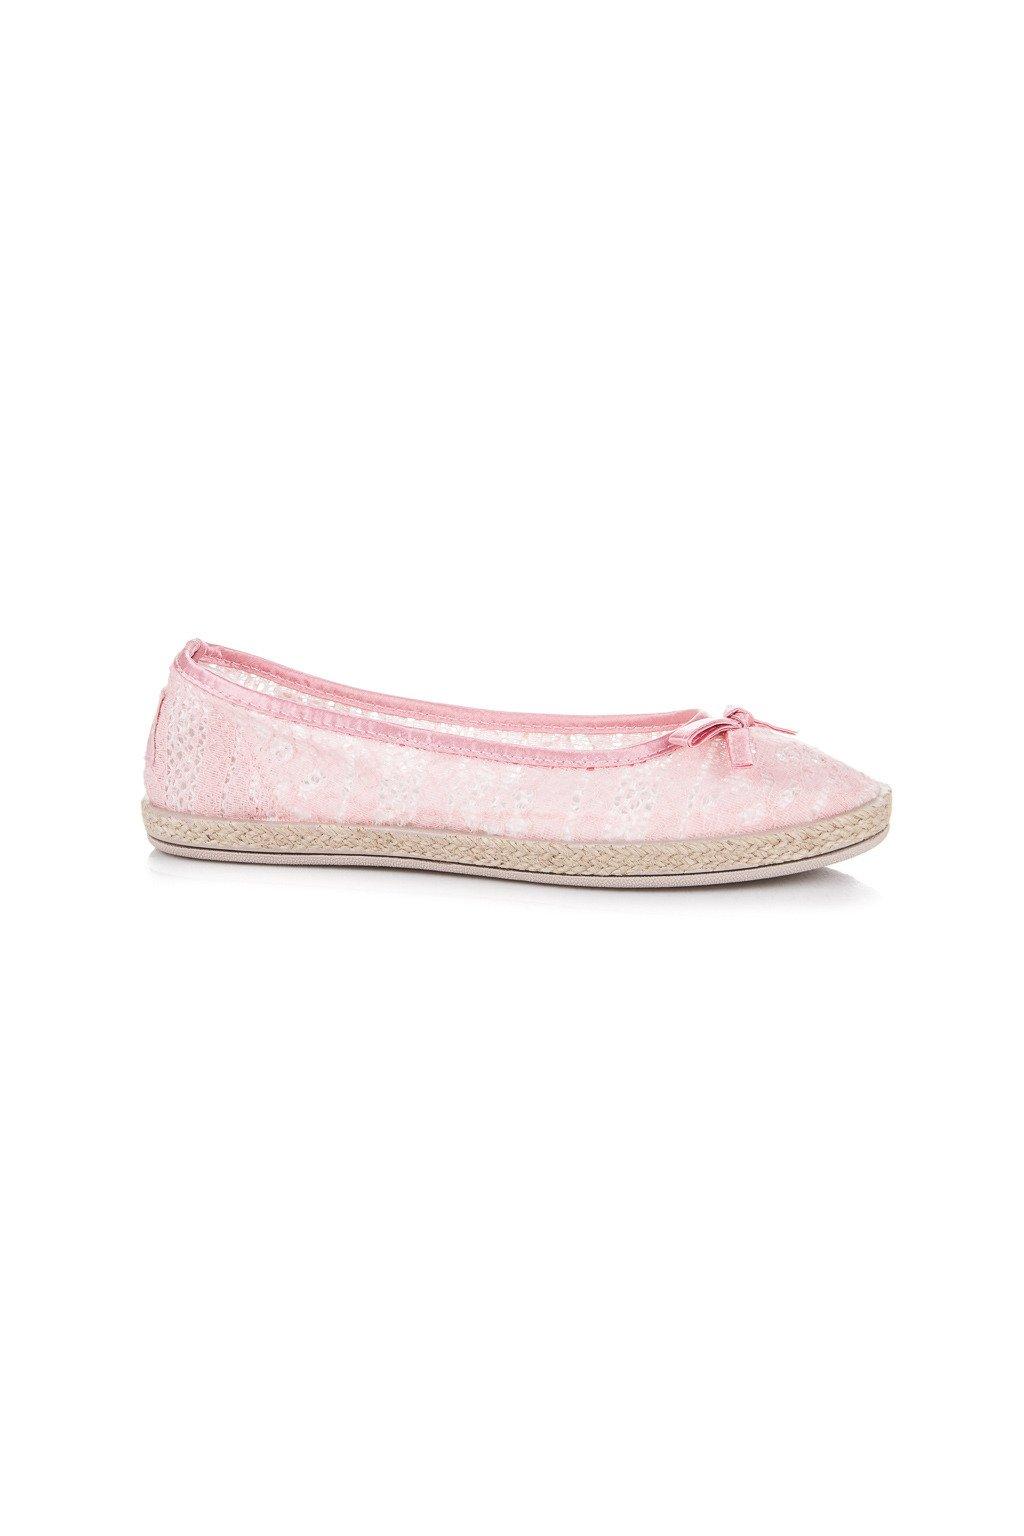 Ružové dámske baleríny - Balada B786-20P